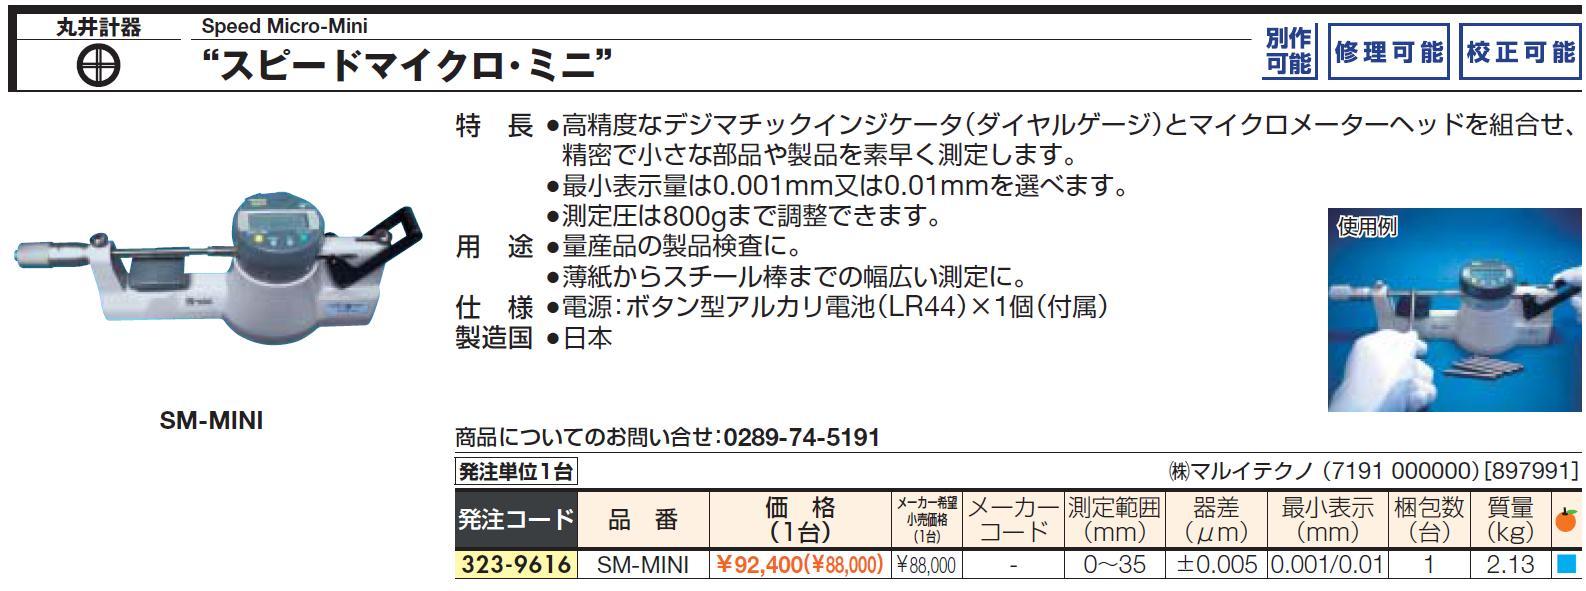 マルイテクノ 丸井 スピードマイクロミニ 【323-9616】 SM-MINI